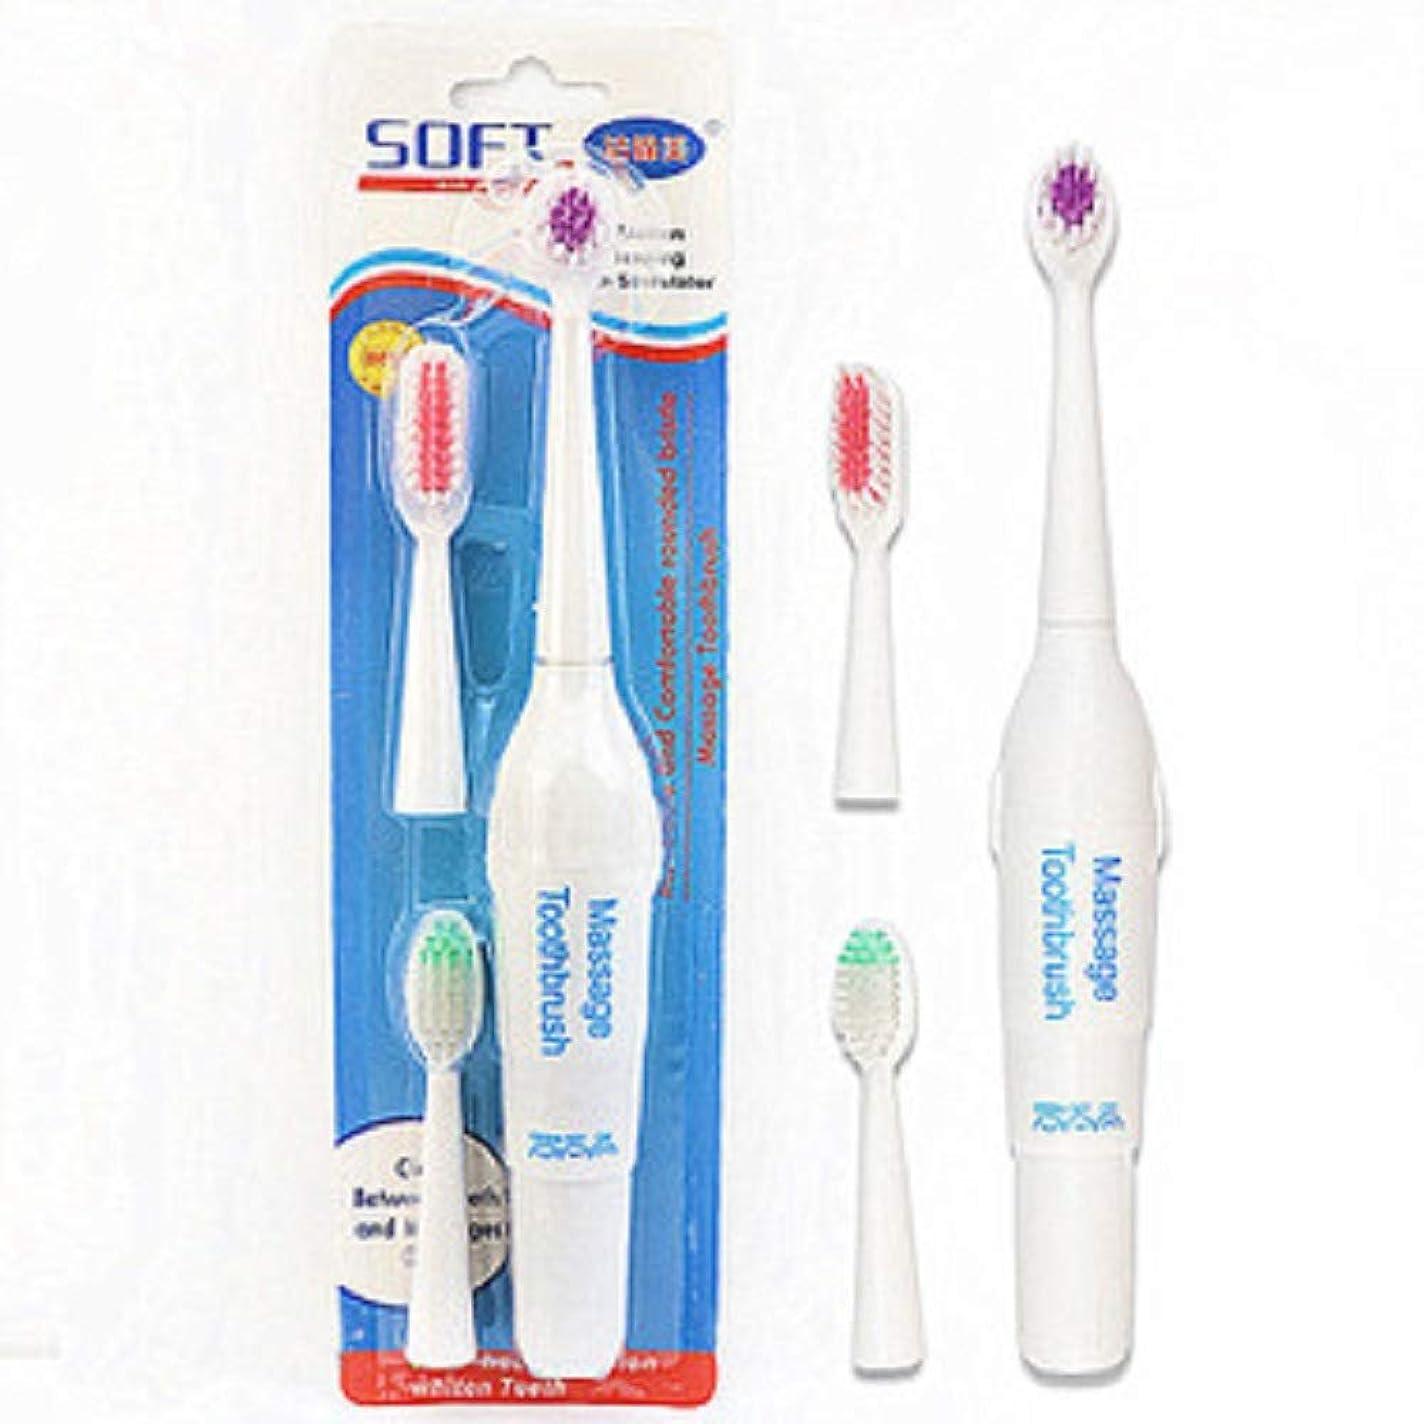 絶対に雑多なコミットペット電動歯ブラシ犬猫電動歯ブラシ、バッテリーなし(ハンドルフォントはランダムに3色で送信されます)(ホワイト)